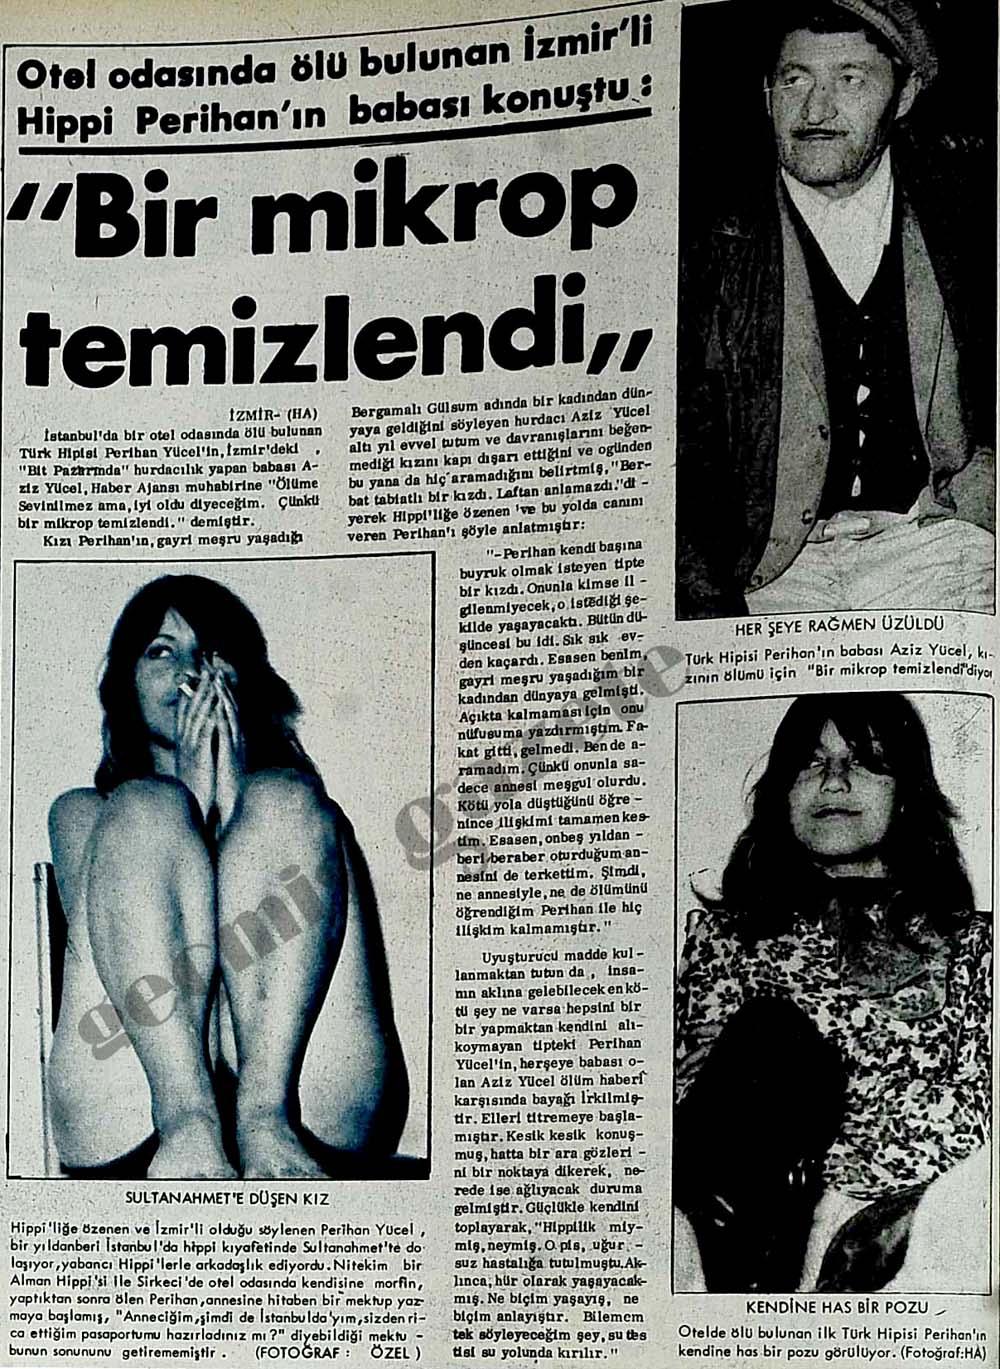 """Otel odasında ölü bulunan İzmir'li Hippi Perihan'ın babası konuştu: """"Bir mikrop temizlendi"""""""